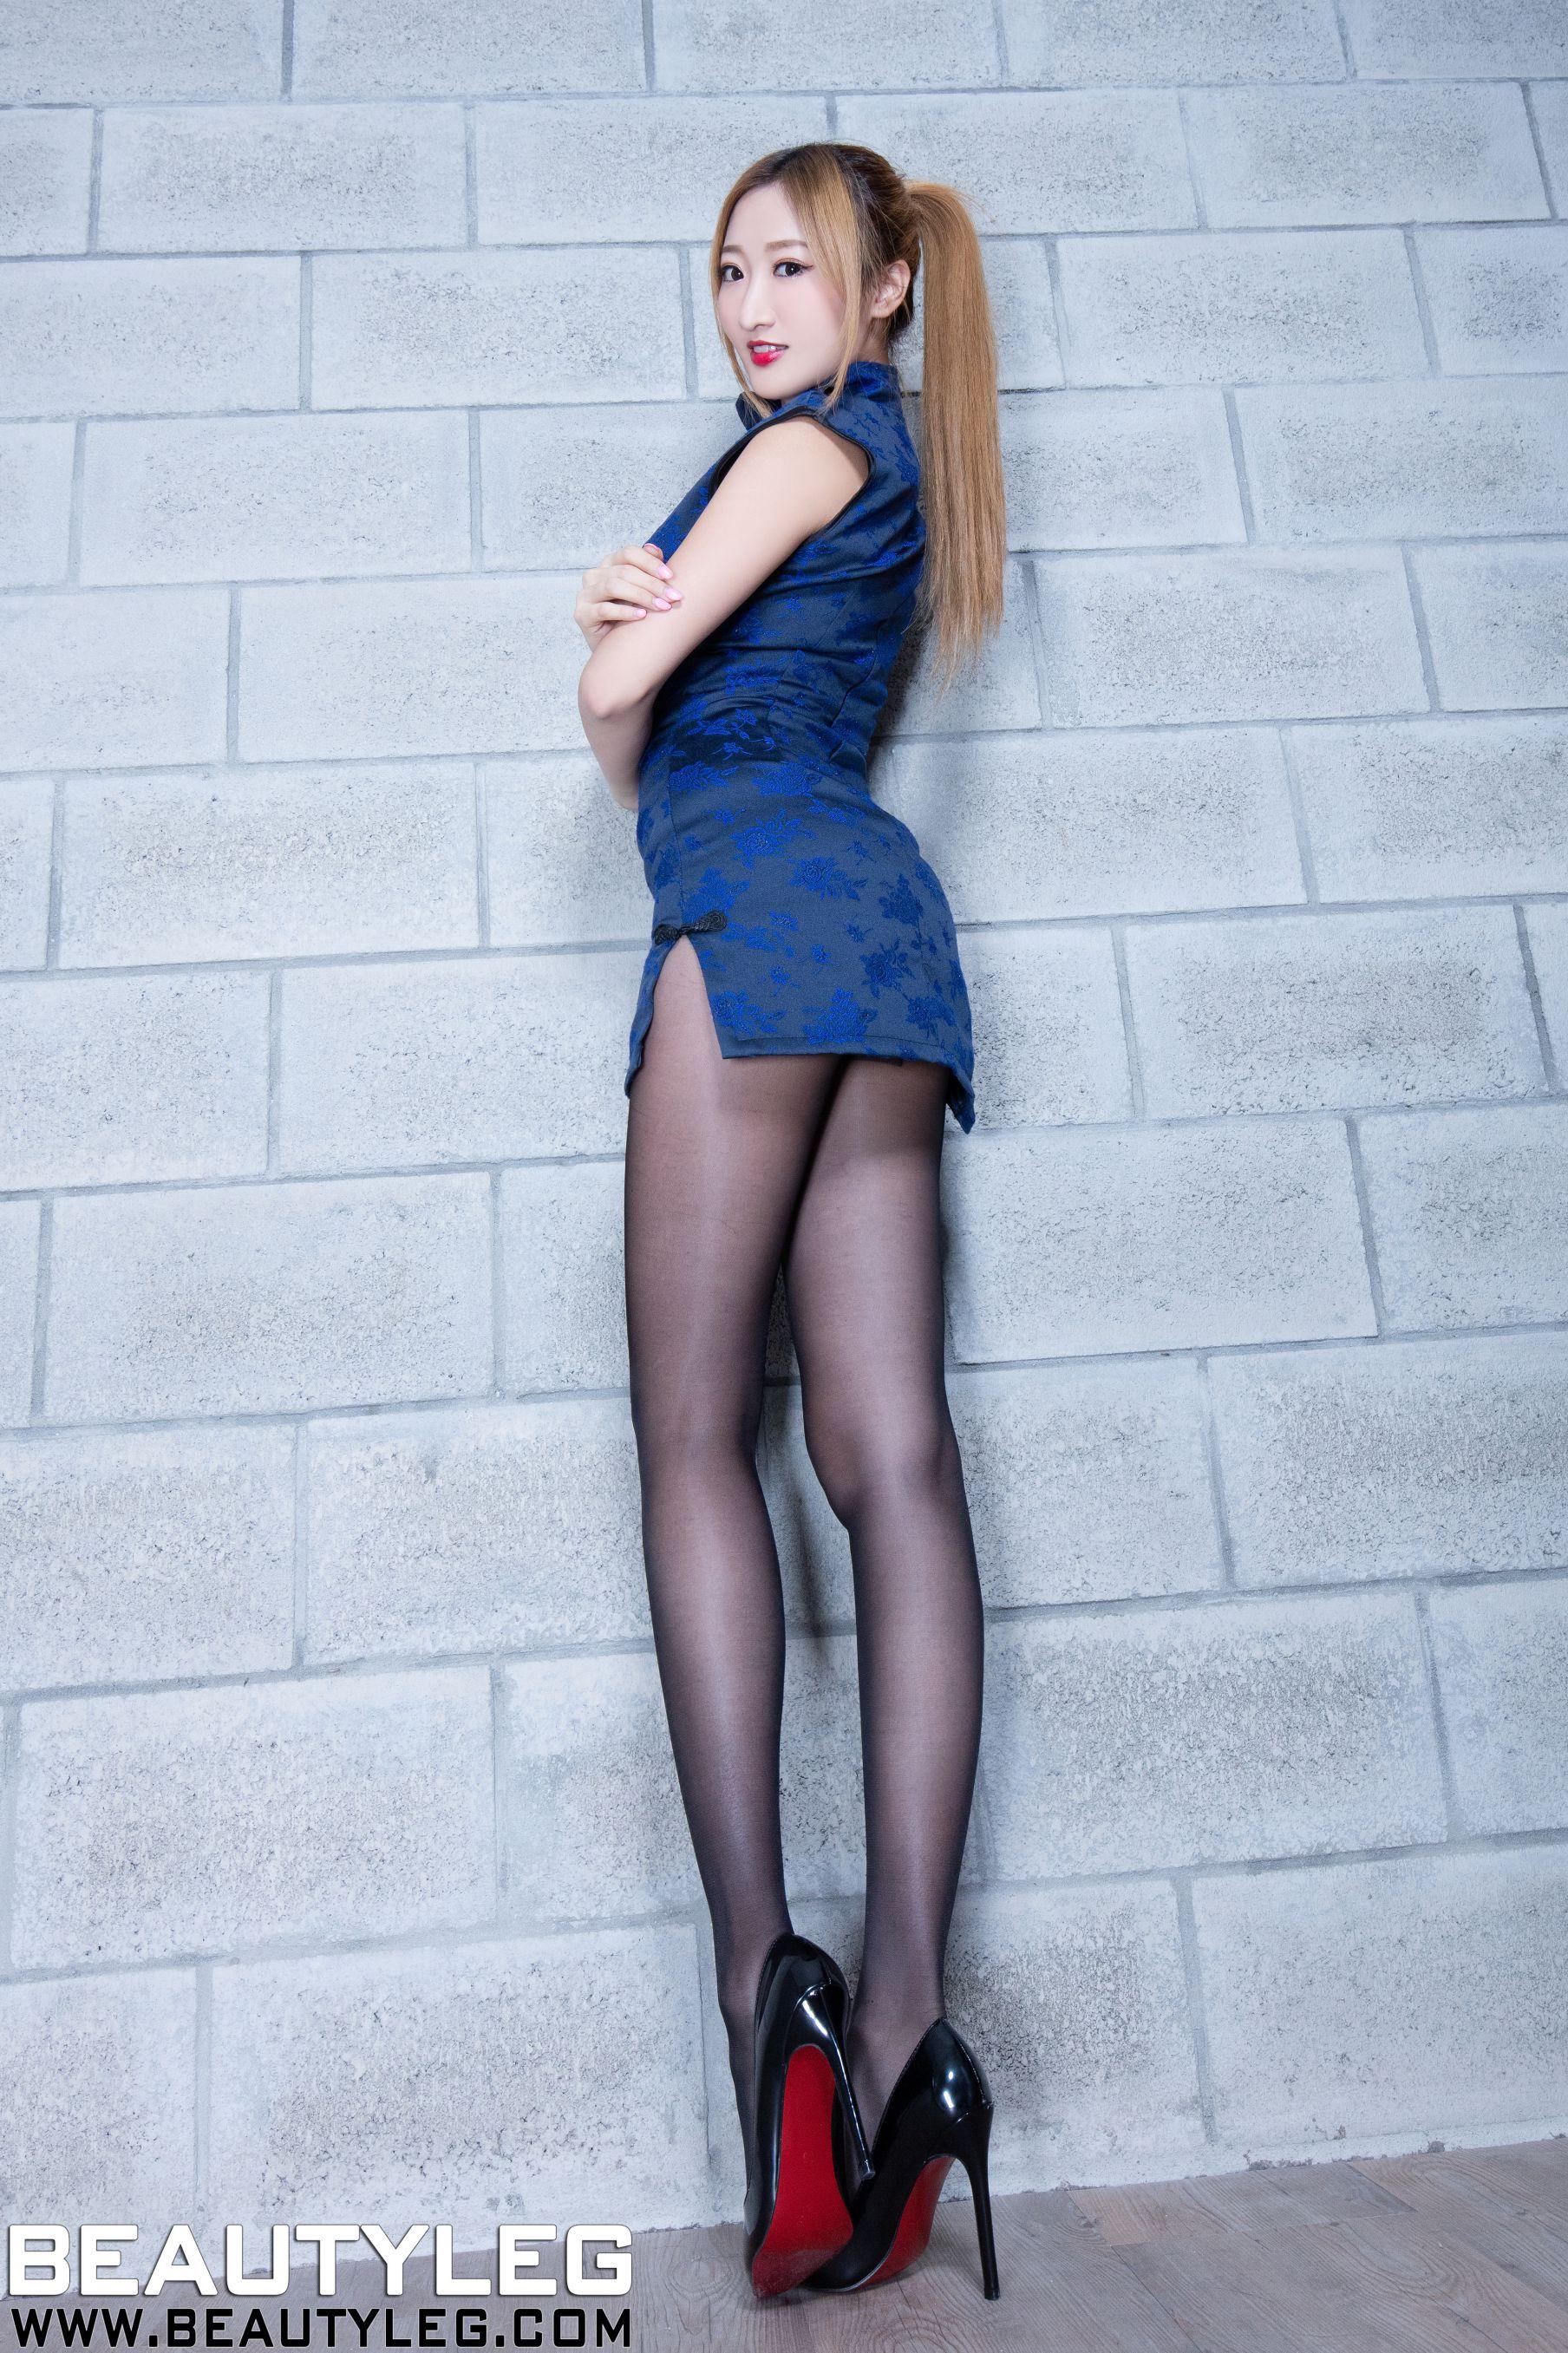 VOL.881 [Beautyleg]高跟长腿美女:腿模Minnie(Minnie)高品质写真套图(59P)